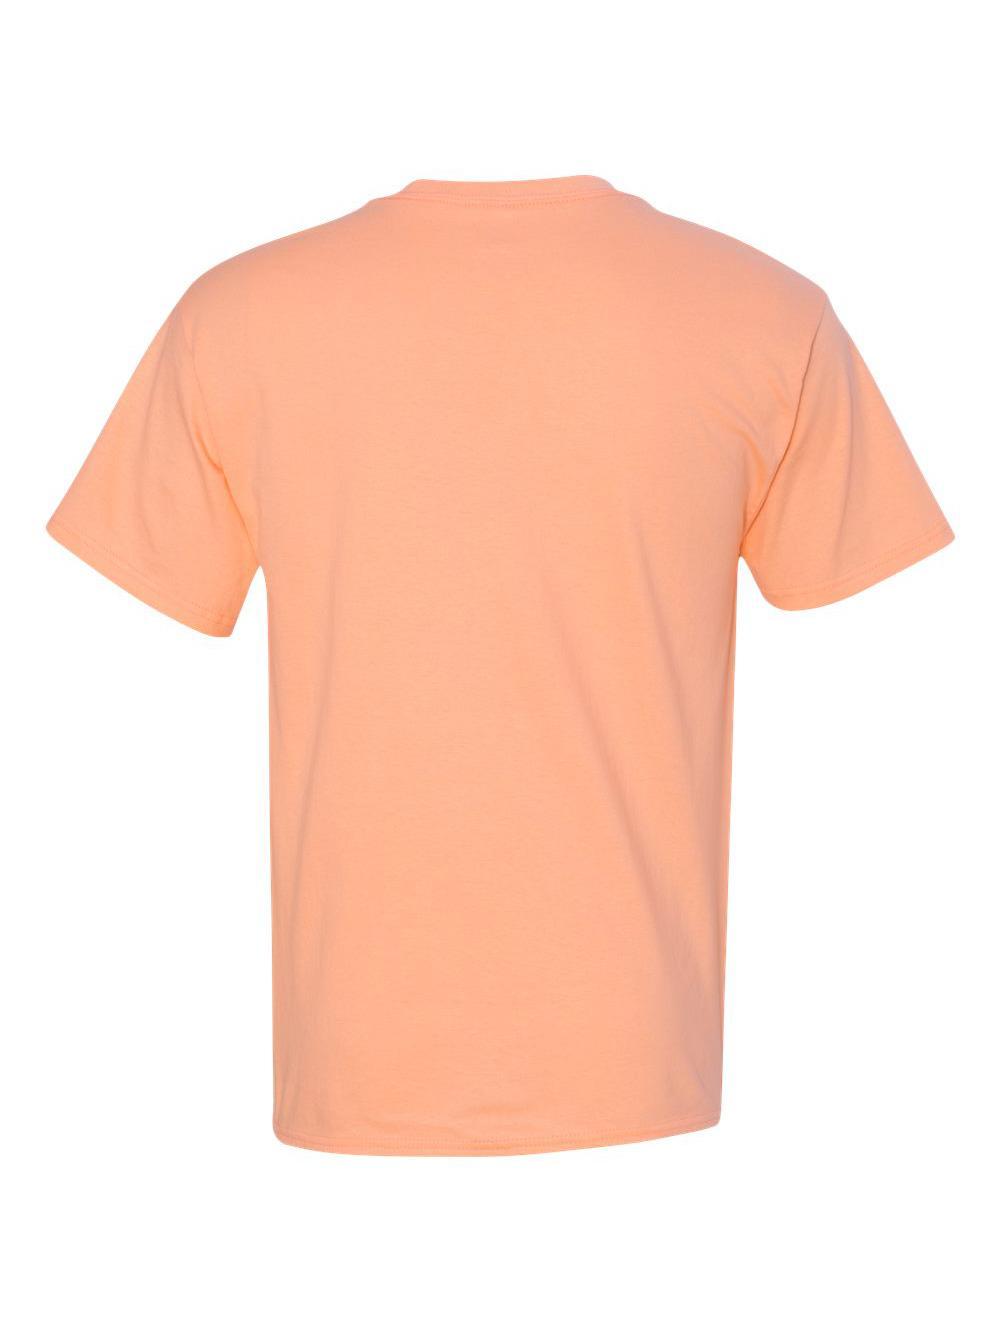 Hanes-Tagless-T-Shirt-5250 thumbnail 16